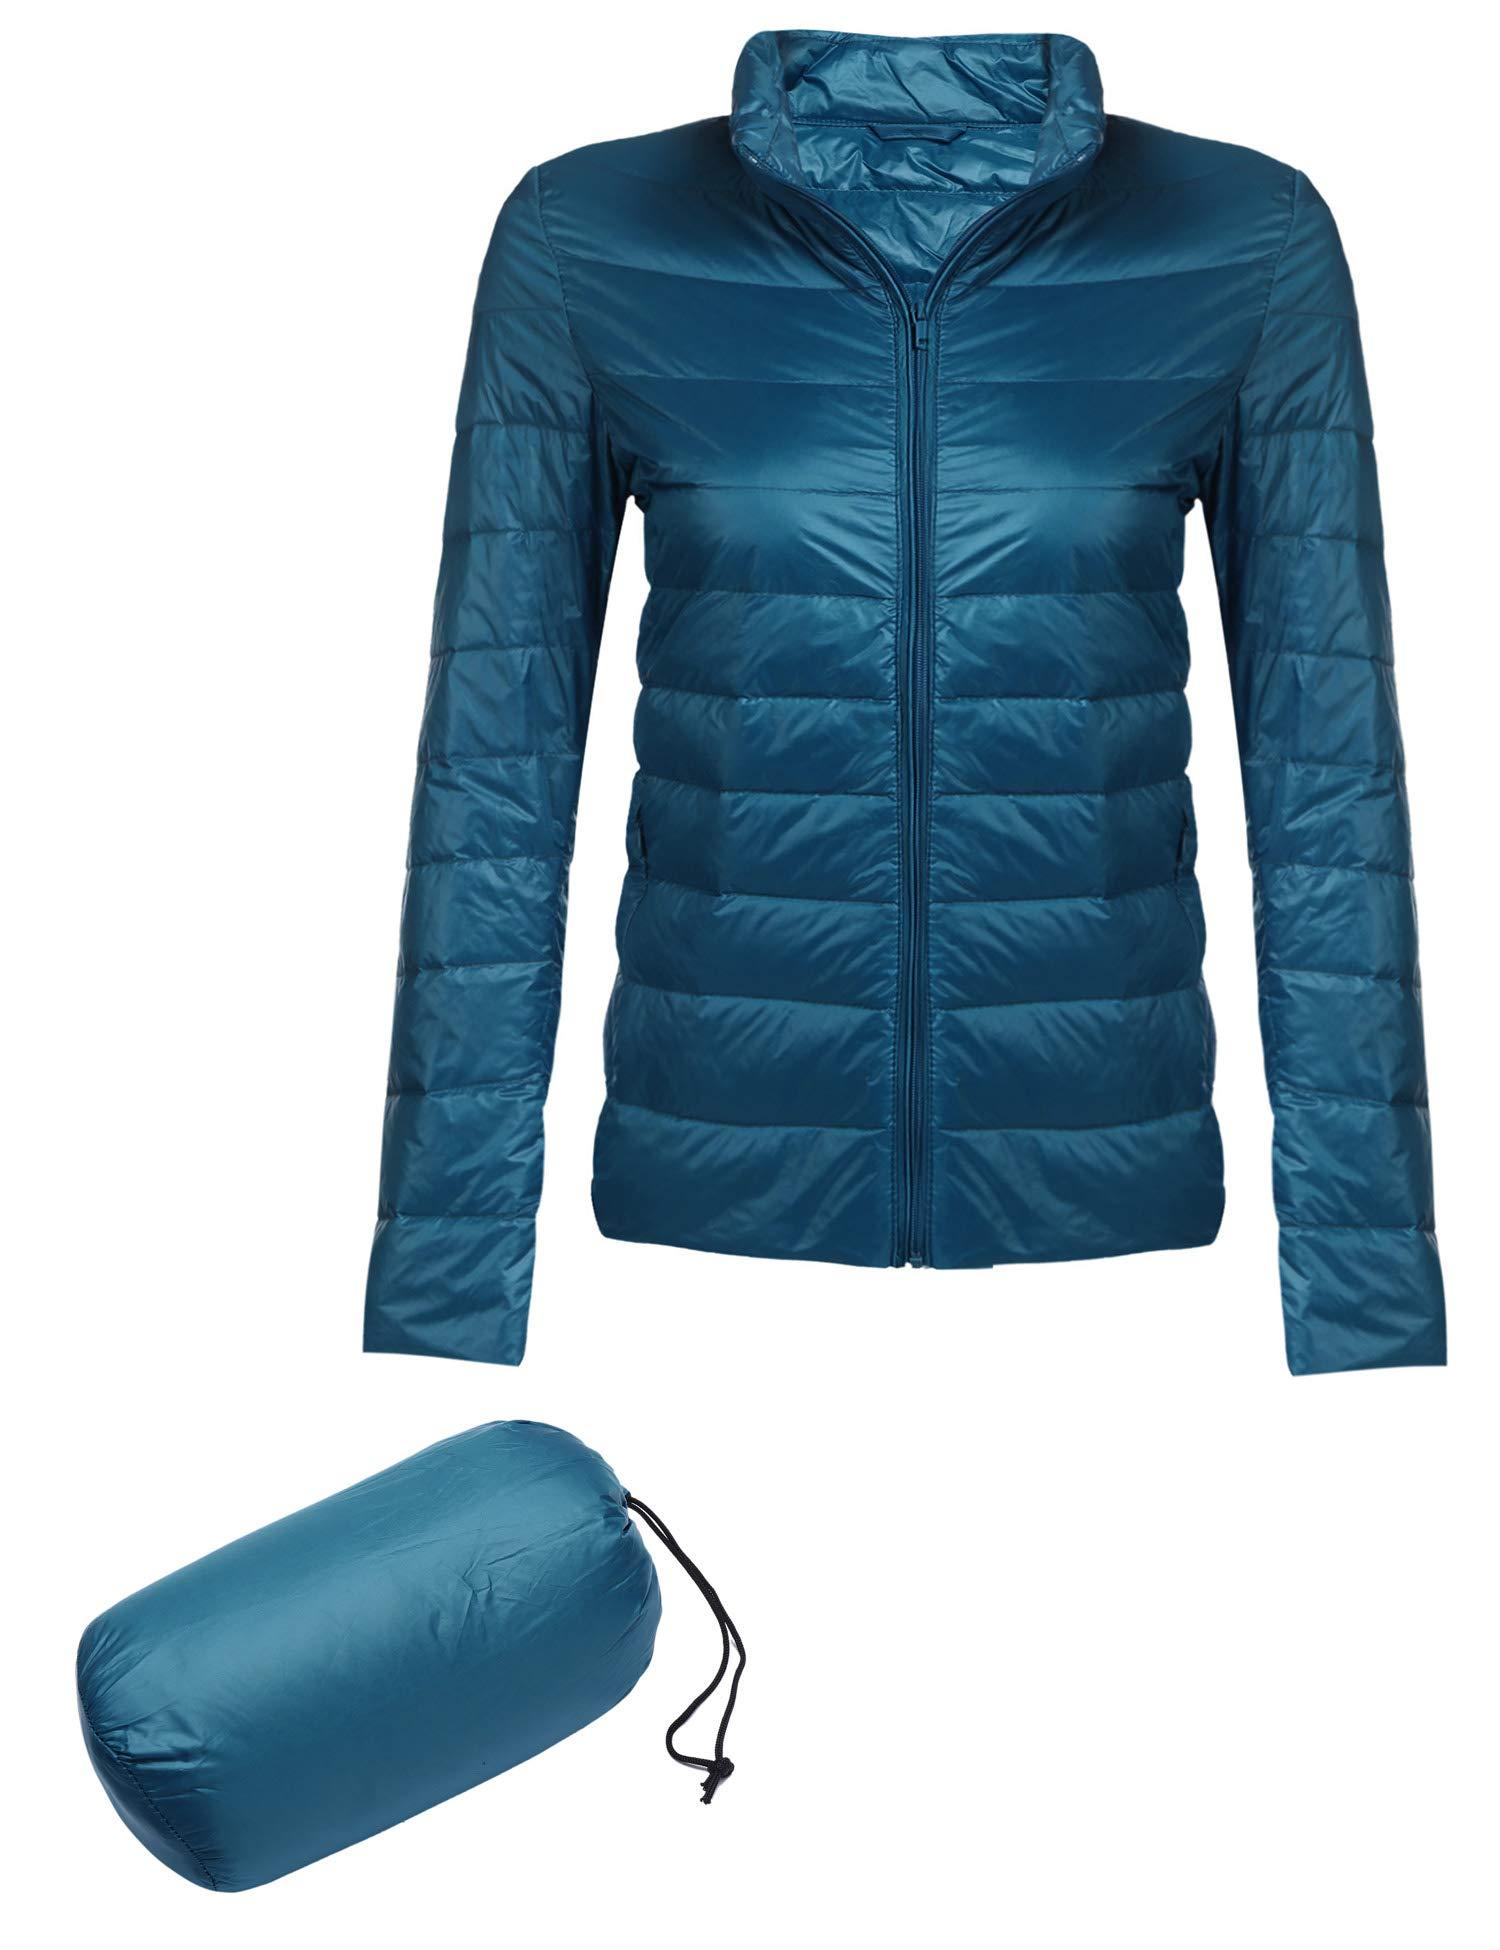 a69b4e1a9da Beyove Women s Lightweight Packable Down Puffer Coat Fall Winter Stylish  Jacket Blue L